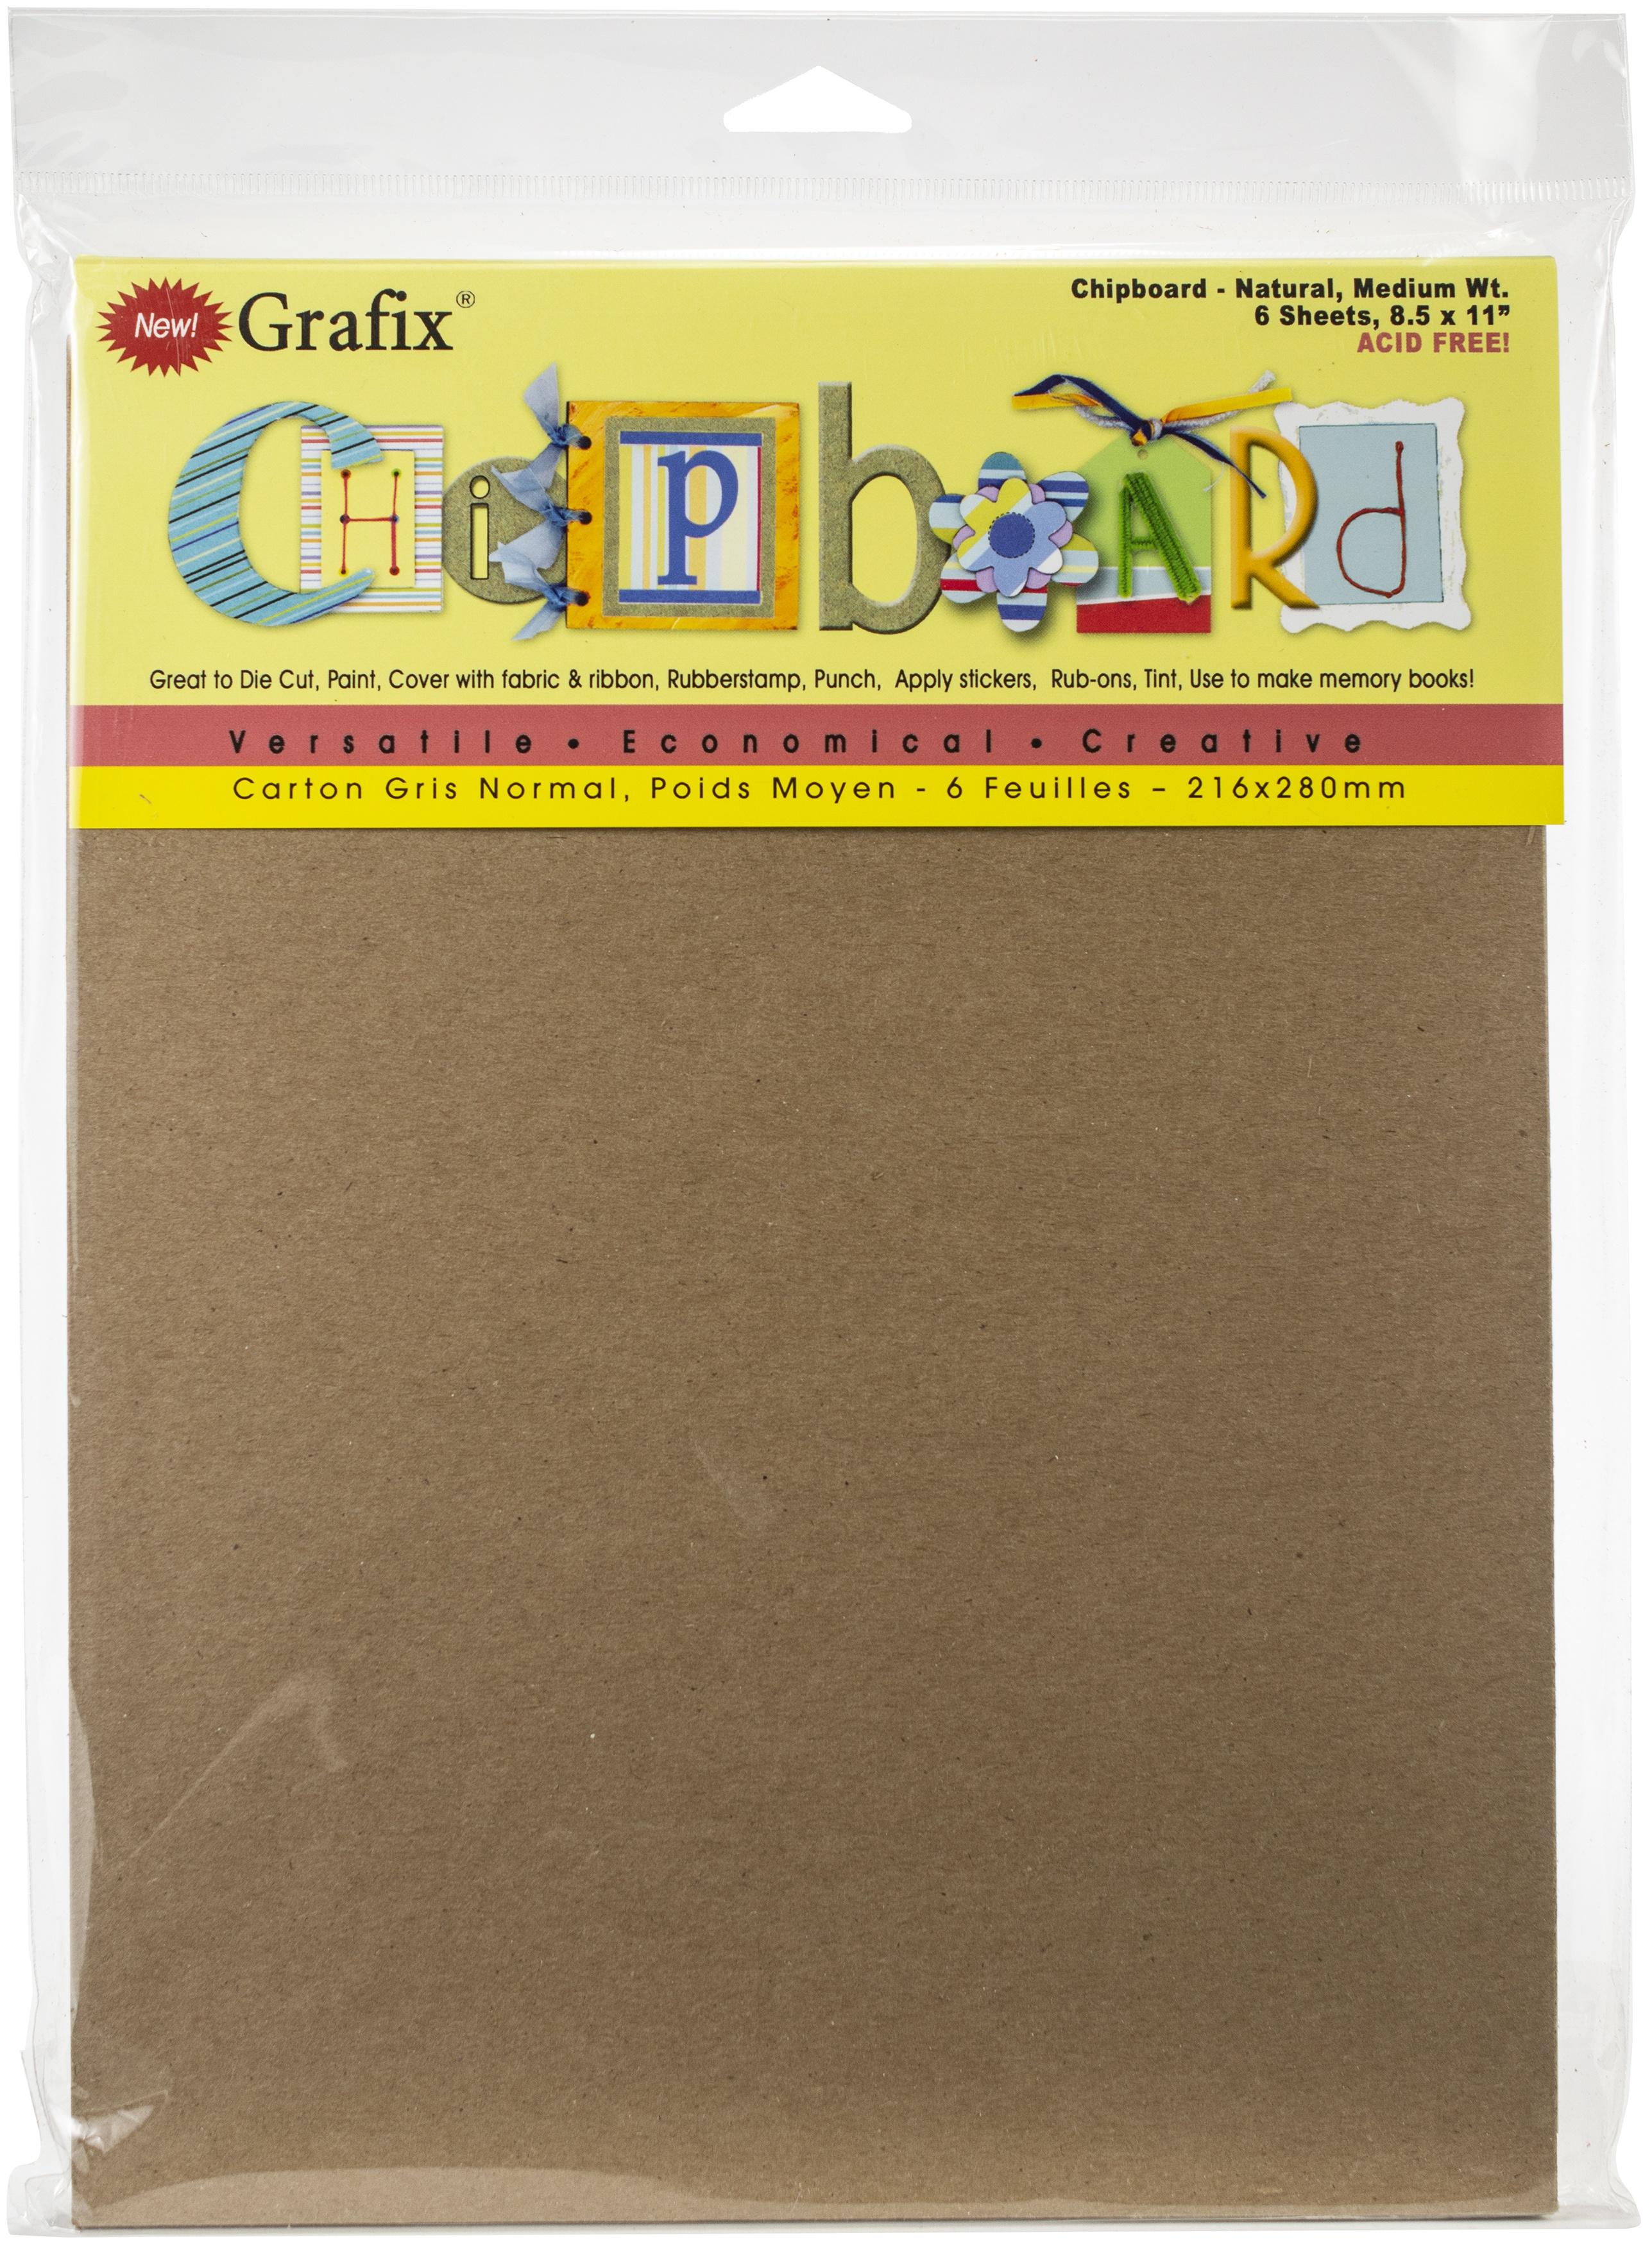 Medium Weight Chipboard Sheets 8.5X11 6/Pkg-Natural